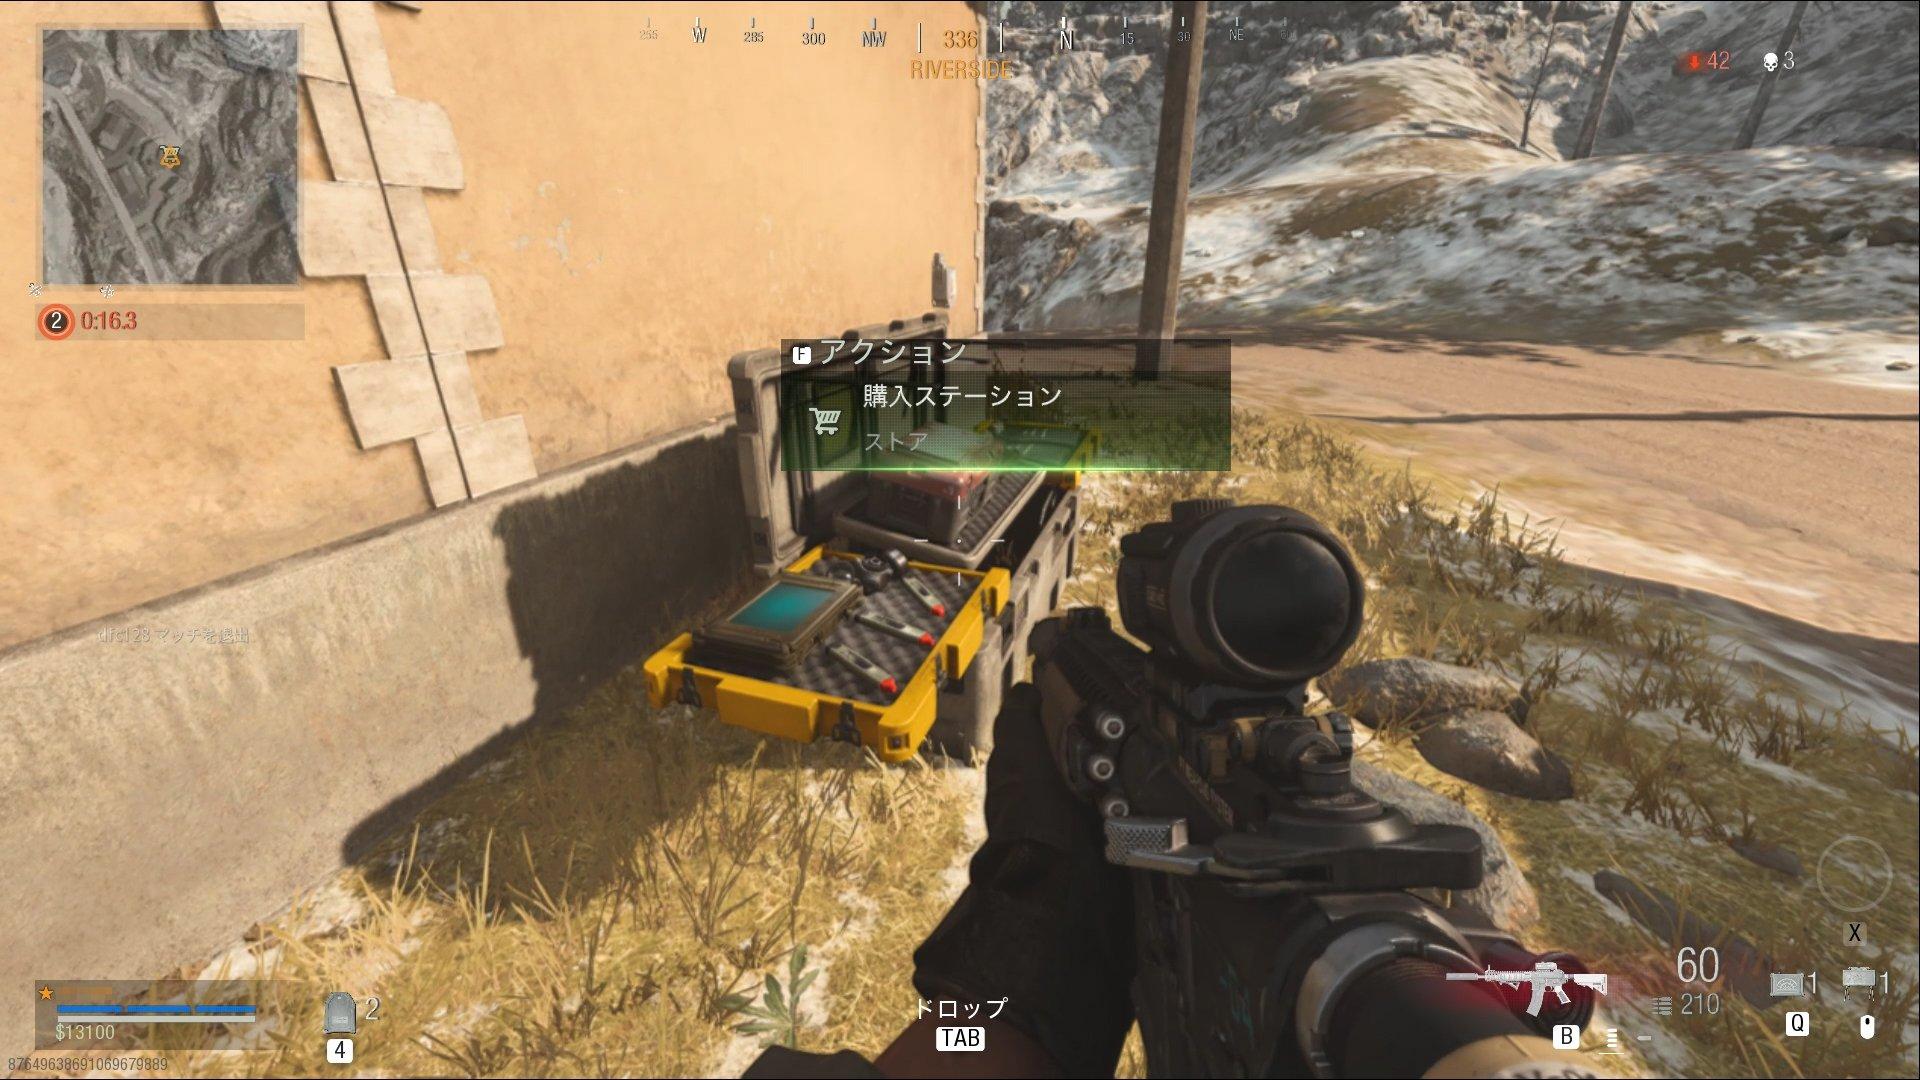 10日で3000万人がプレイ! 新作『Call of Duty:Warzone』は今年の覇者となるか!?【おっさんゲーマーの無料ゲーム放浪記・第2回】の画像008